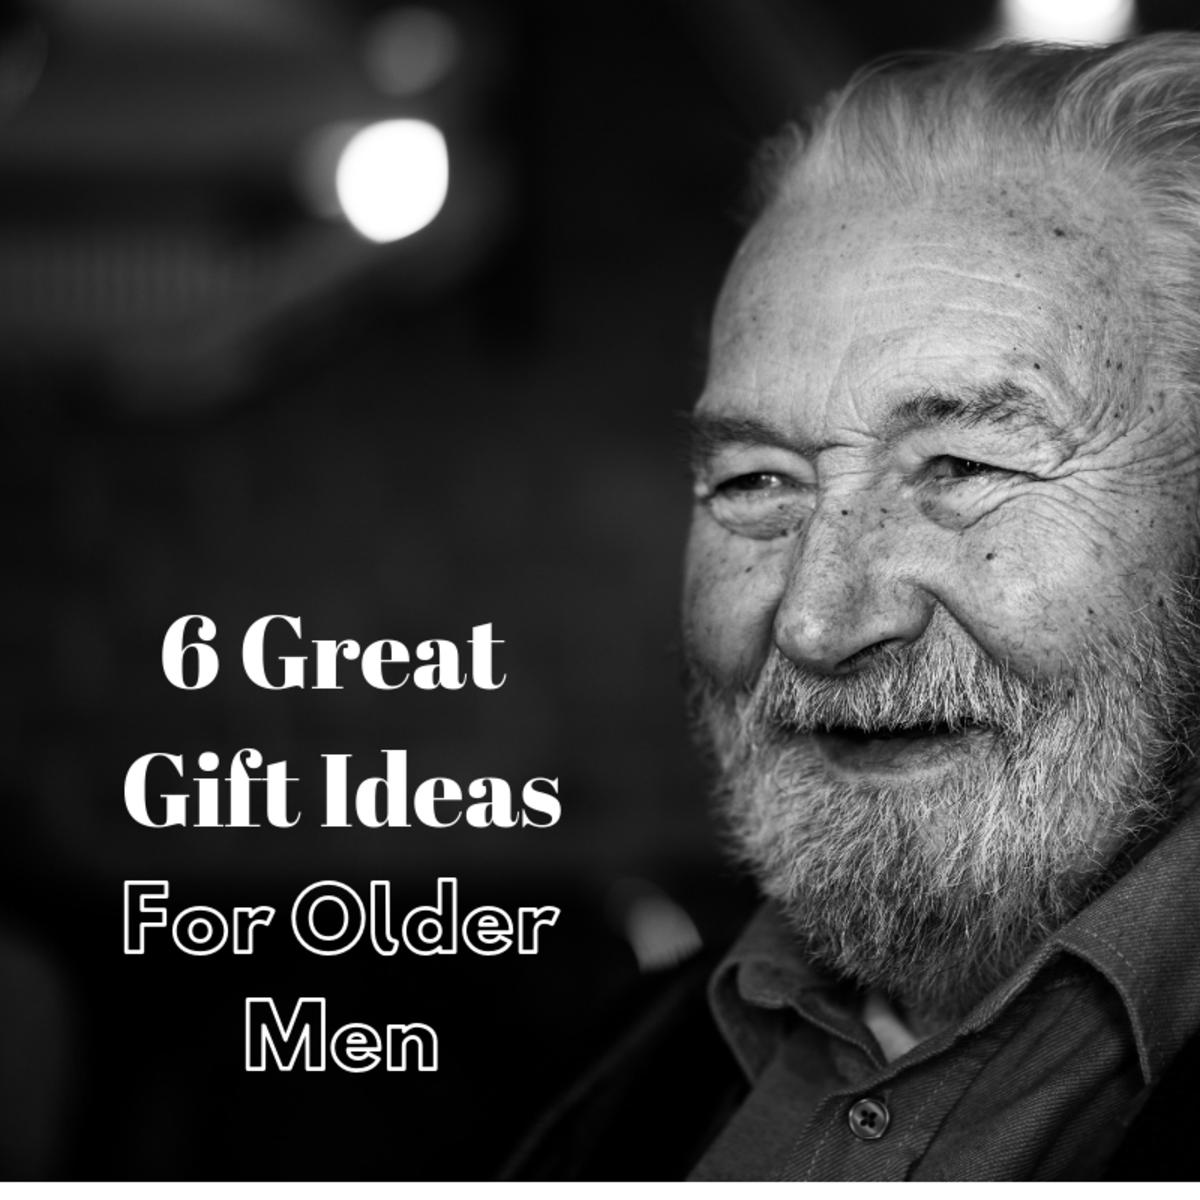 Gift Ideas for Older Men